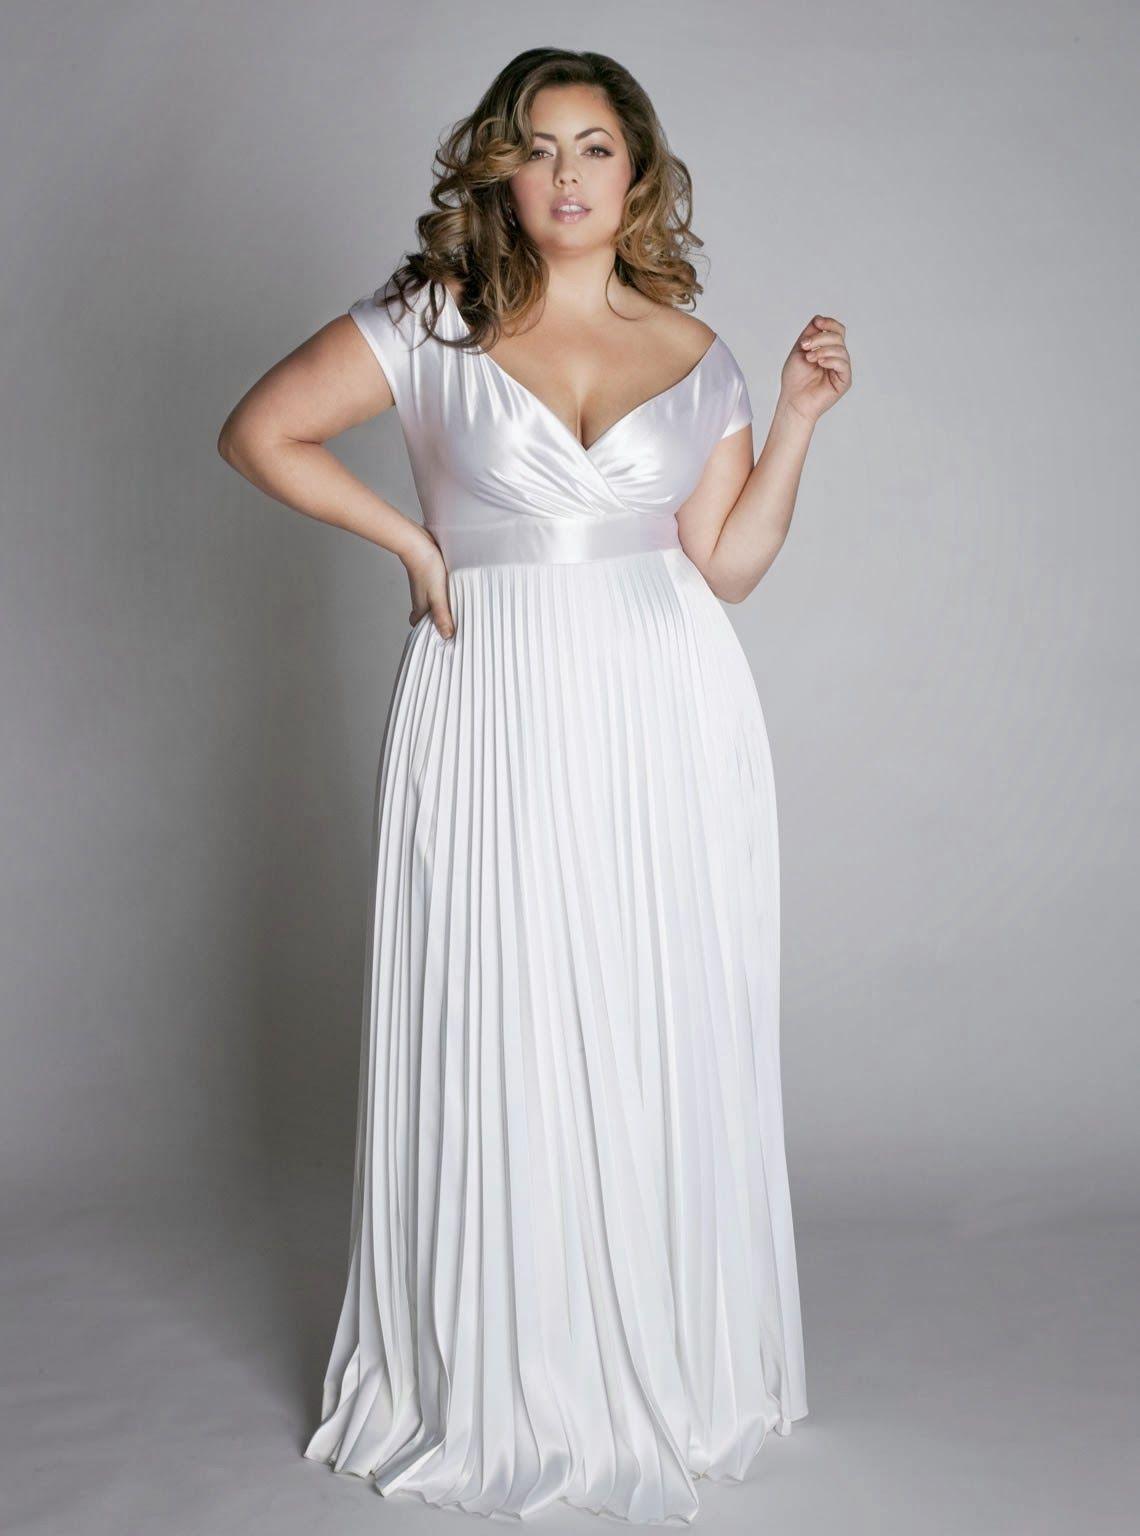 Vestidos de fiesta baratos color blanco